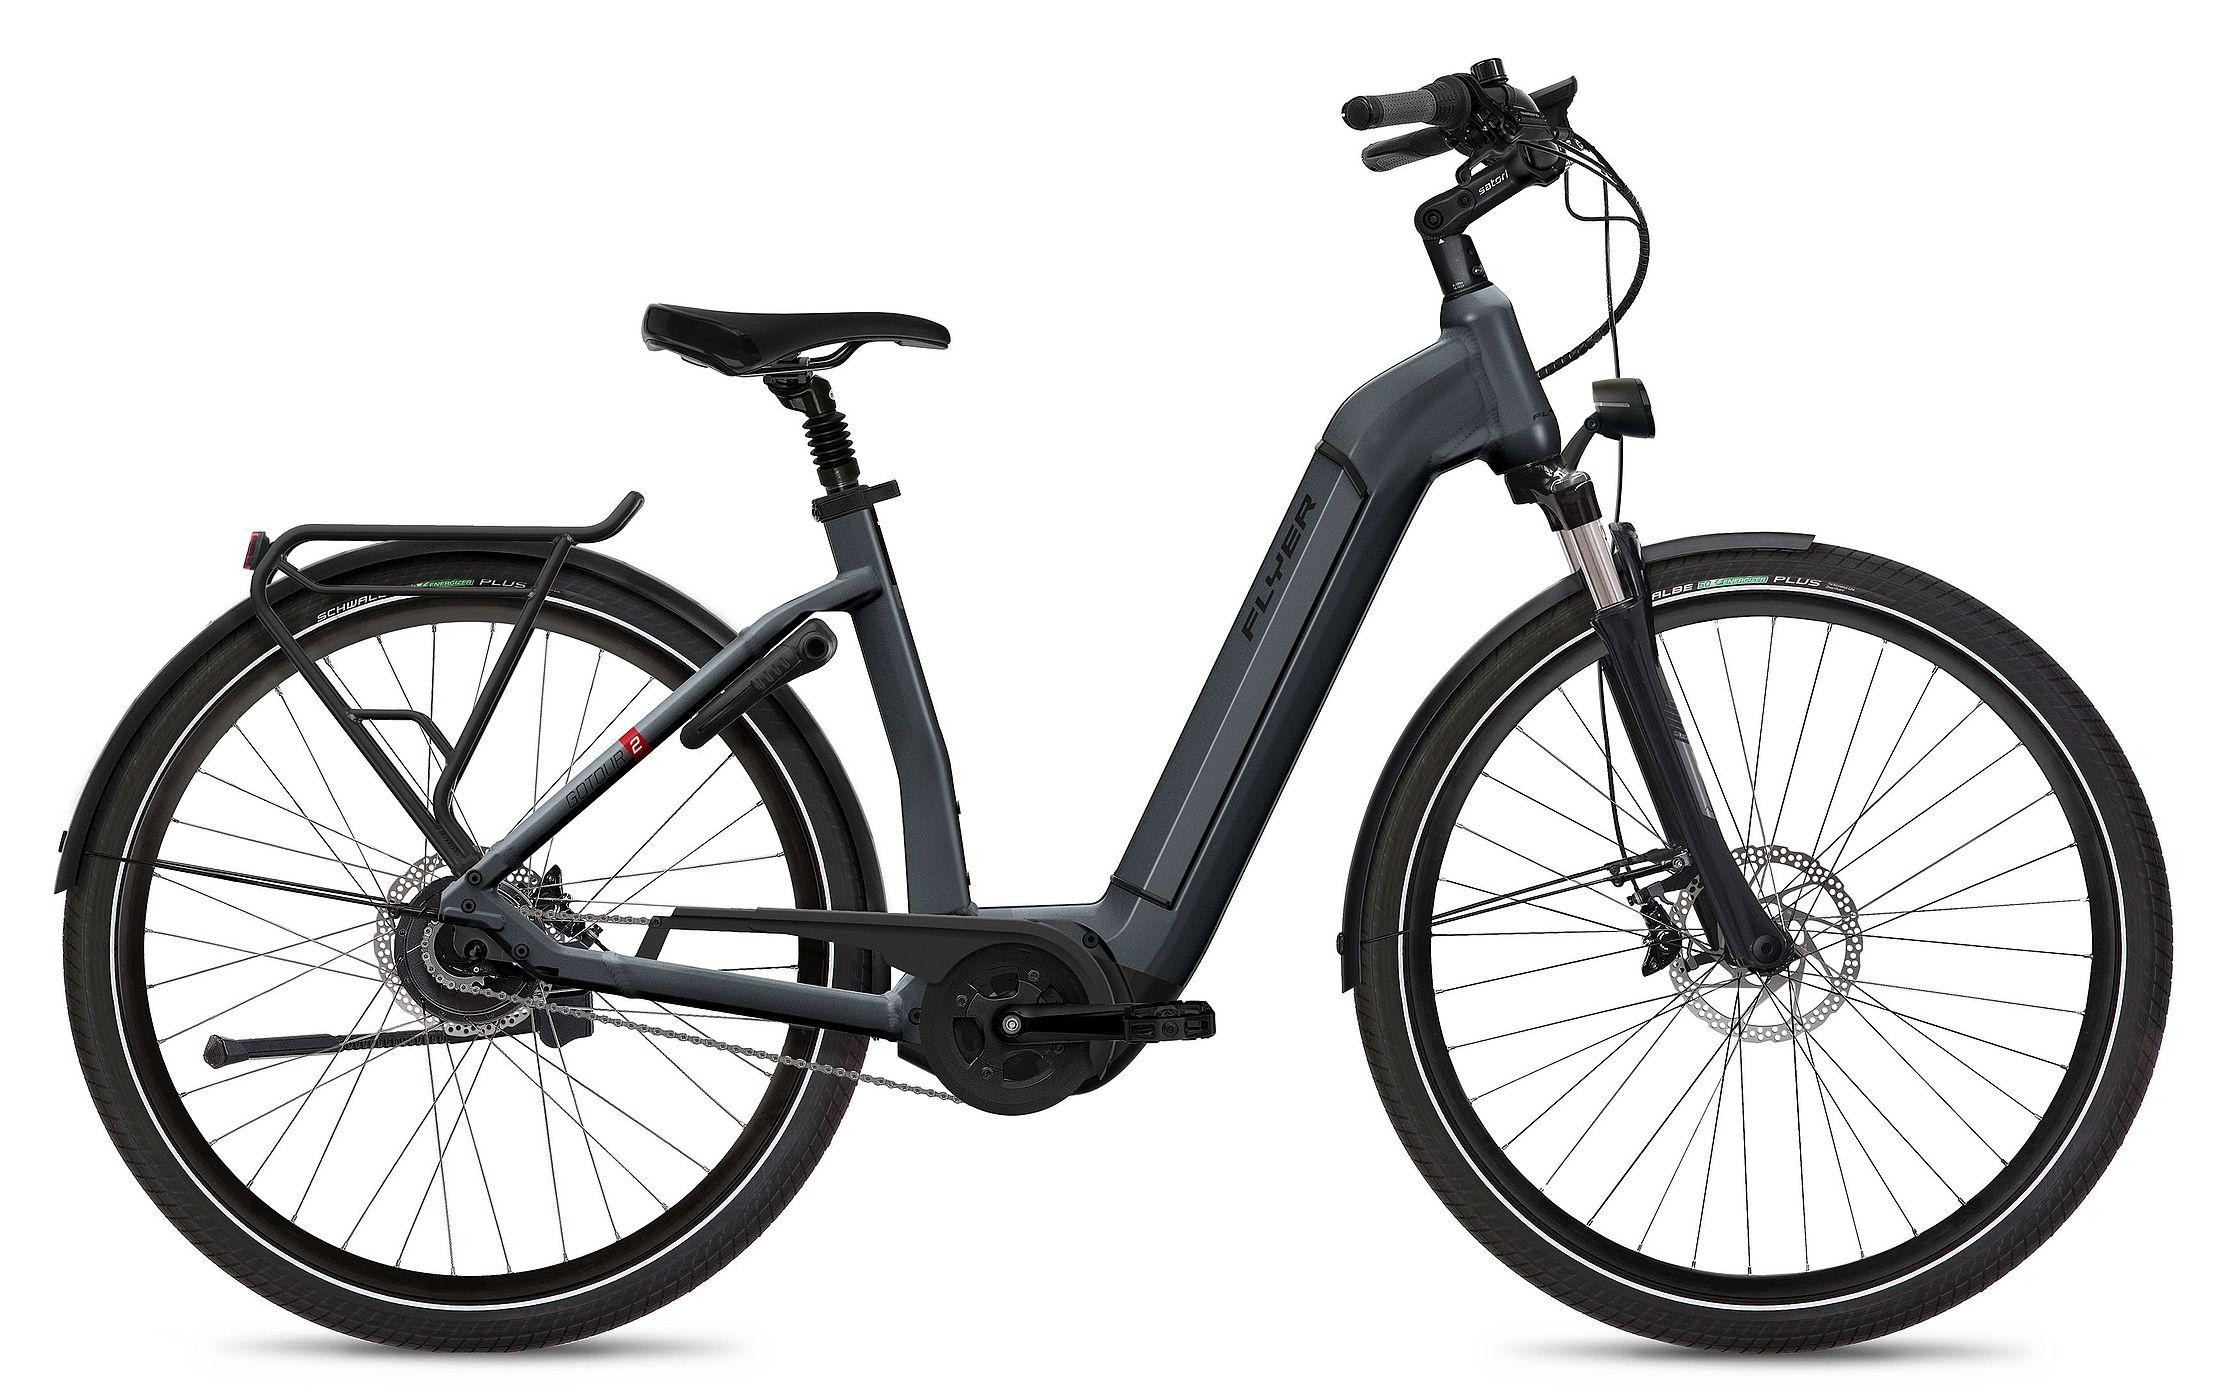 csm_FLYER_E-Bikes_MY21_Gotour2_500_Comfort_AnthraciteGloss_a95fd7c8a6